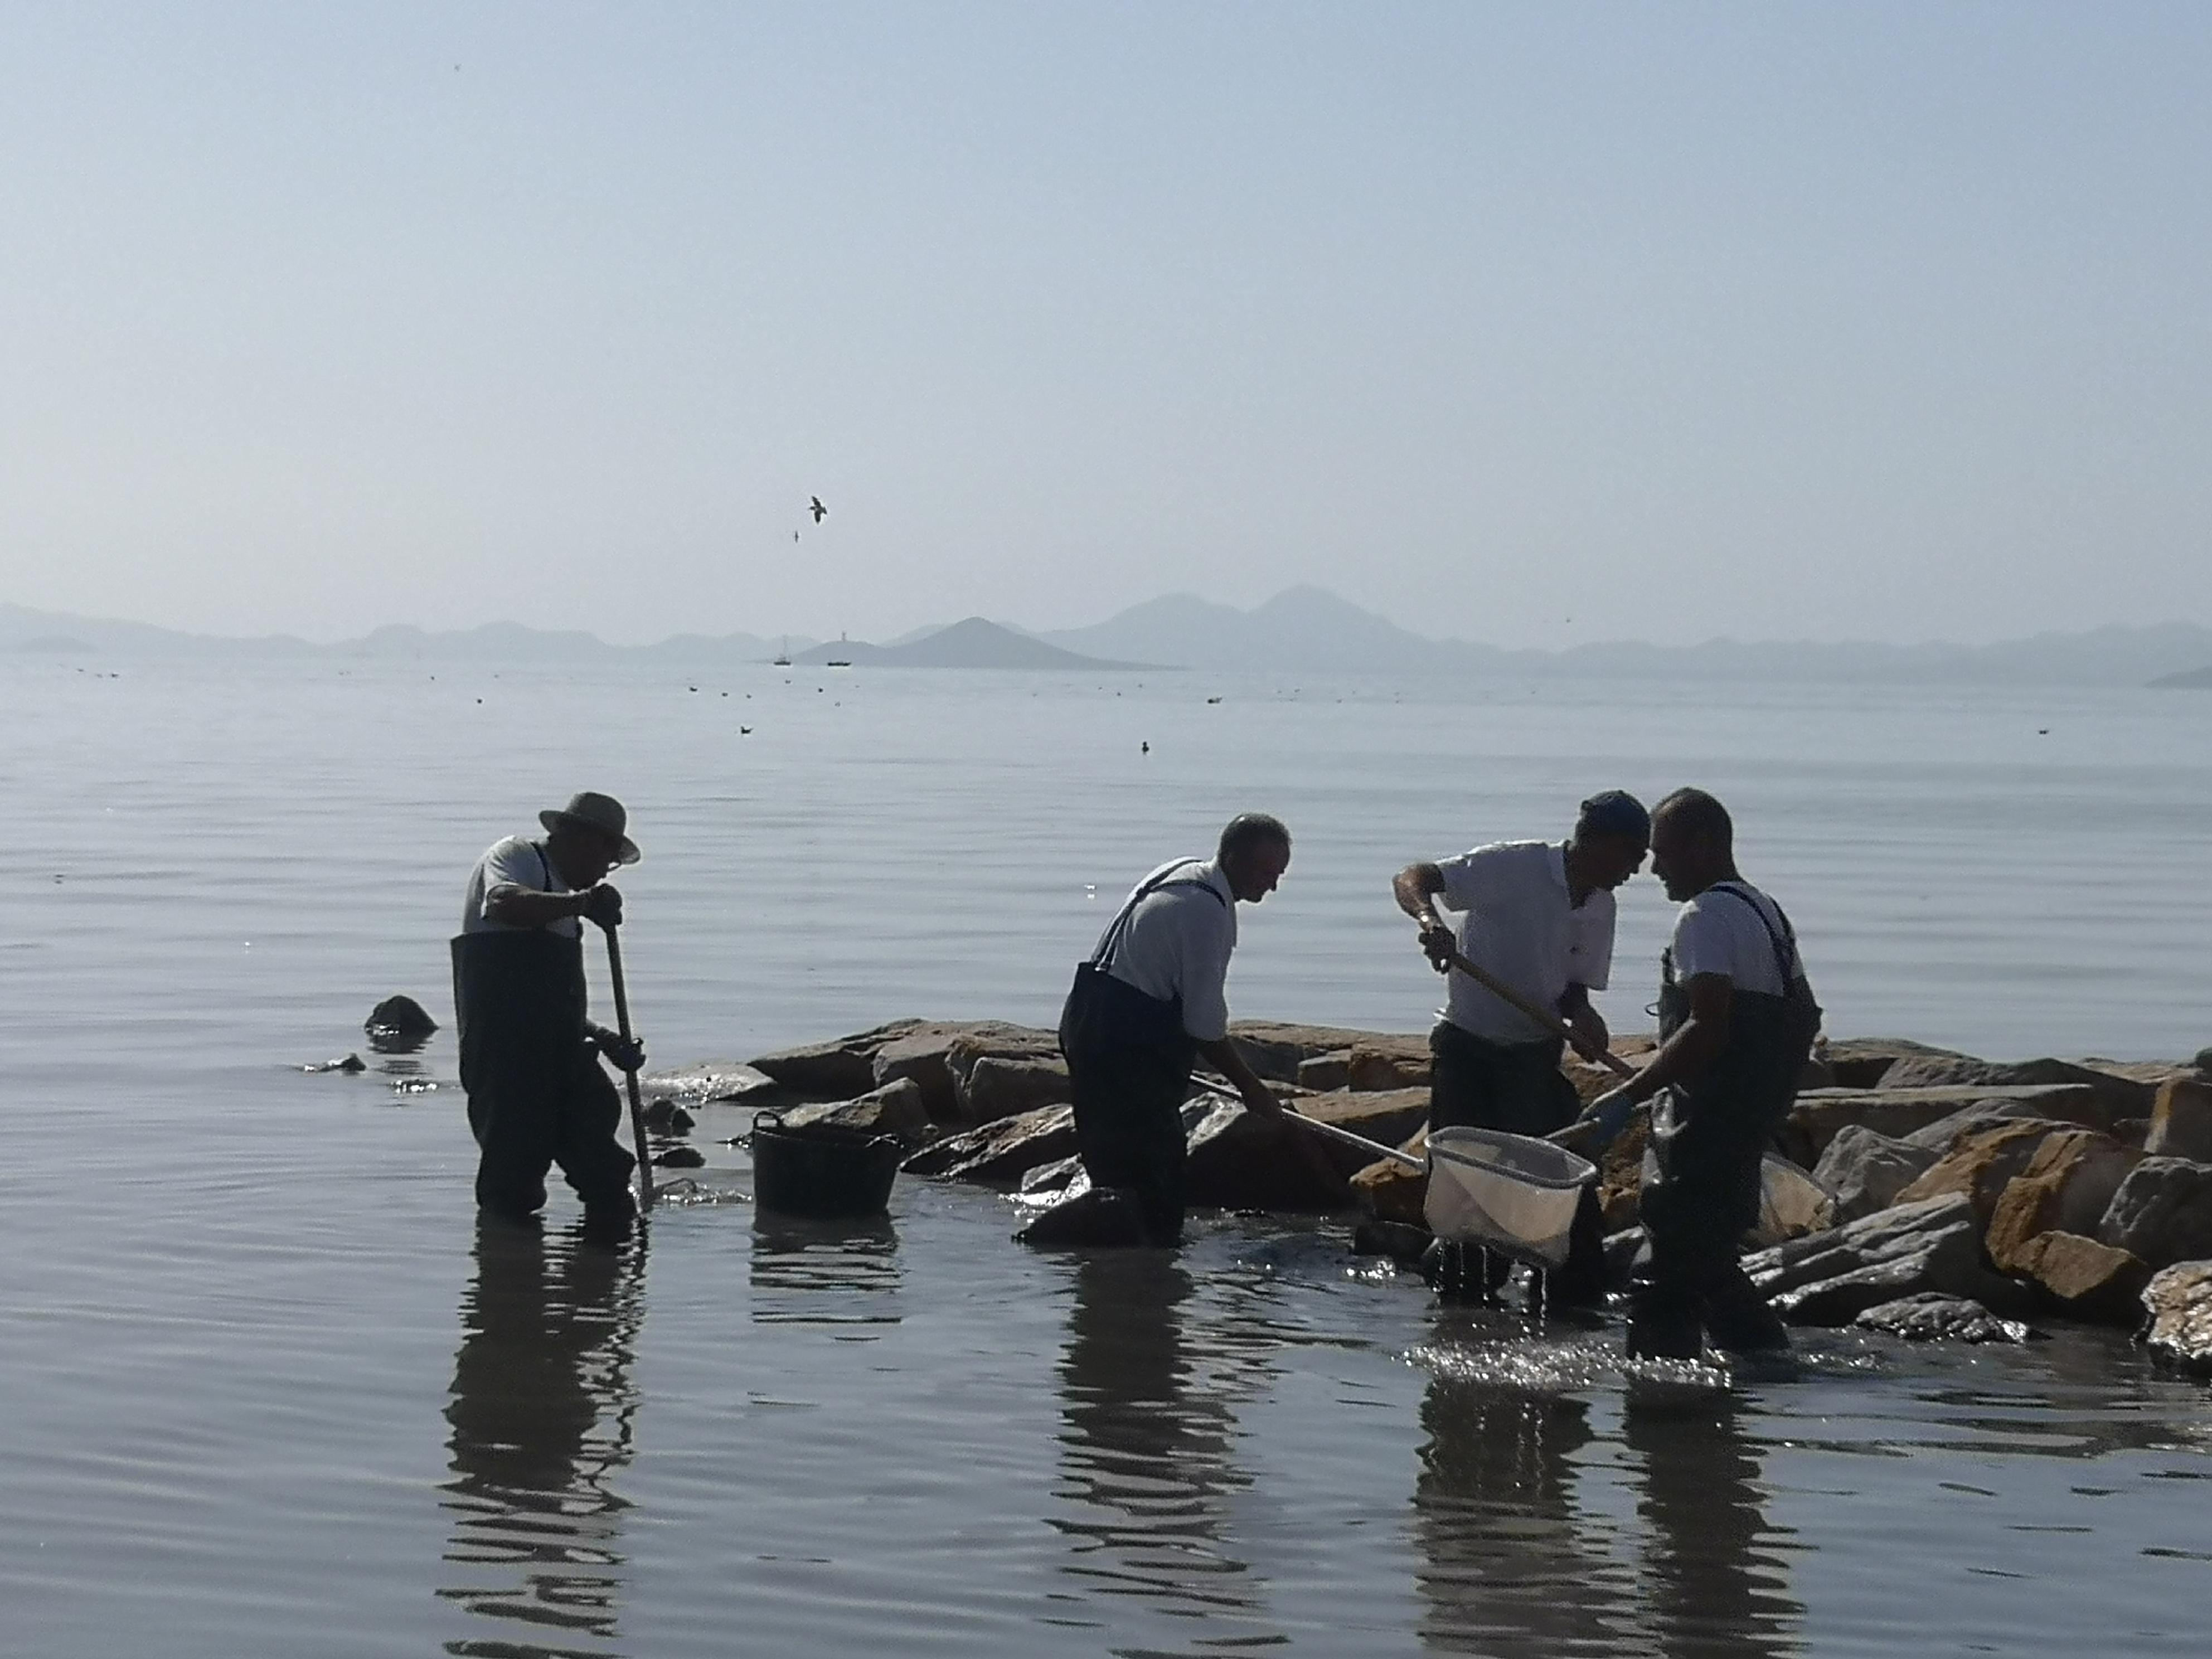 Operarios retirando ejemplares muertos de las orillas del Mar Menor. Imagen: EEA